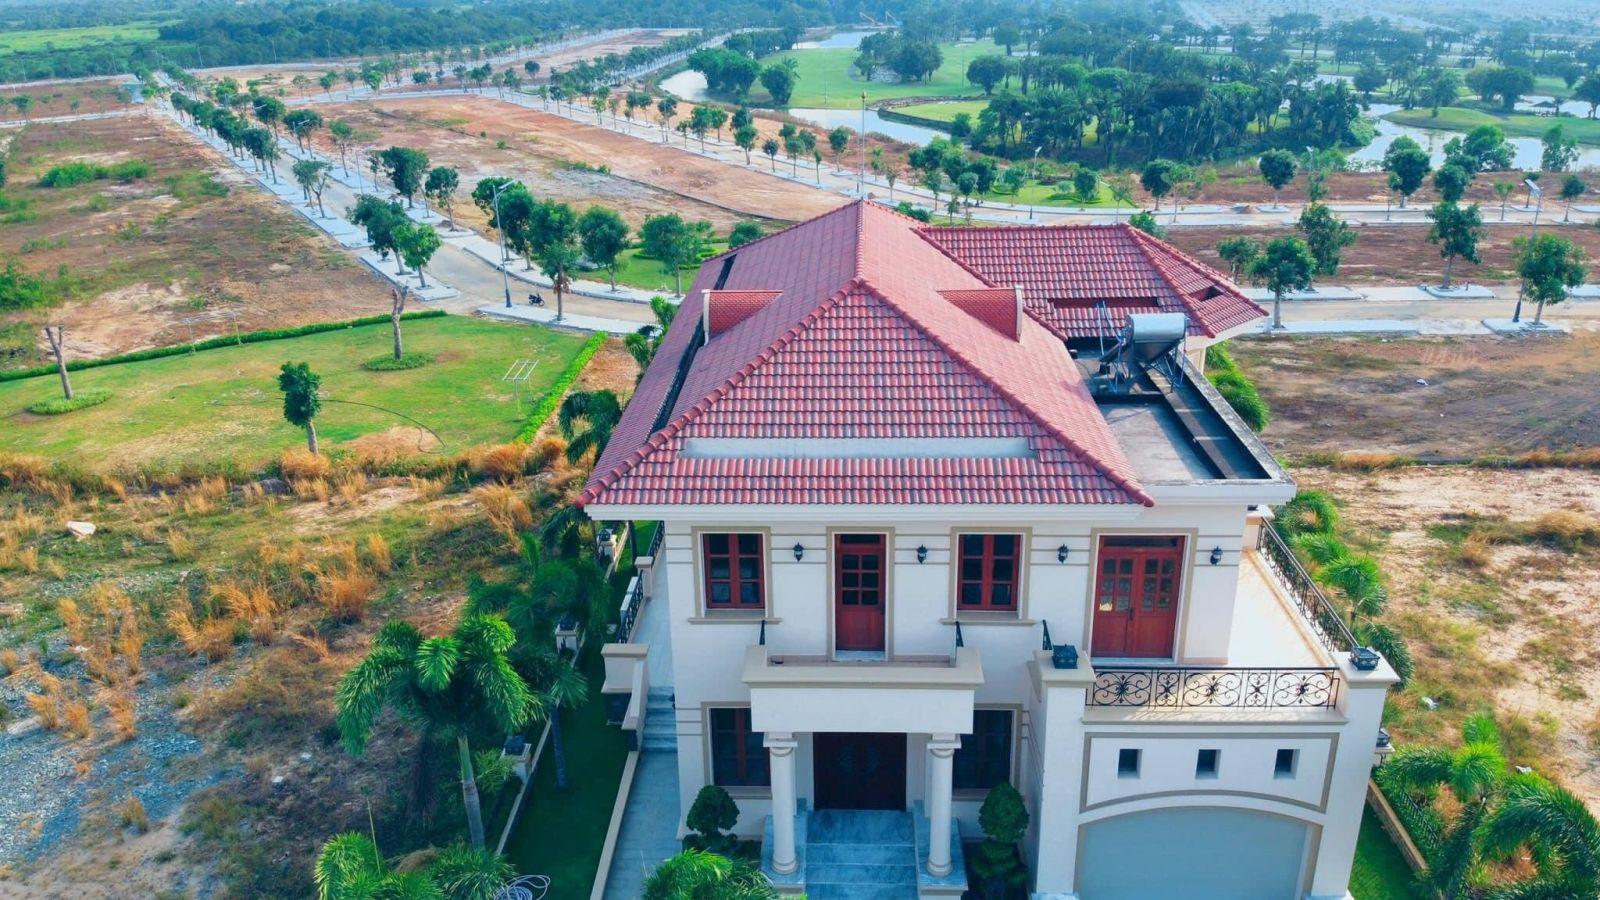 Mẫu Thiết Kế Biệt Thự Biên Hòa New City Hưng Thịnh